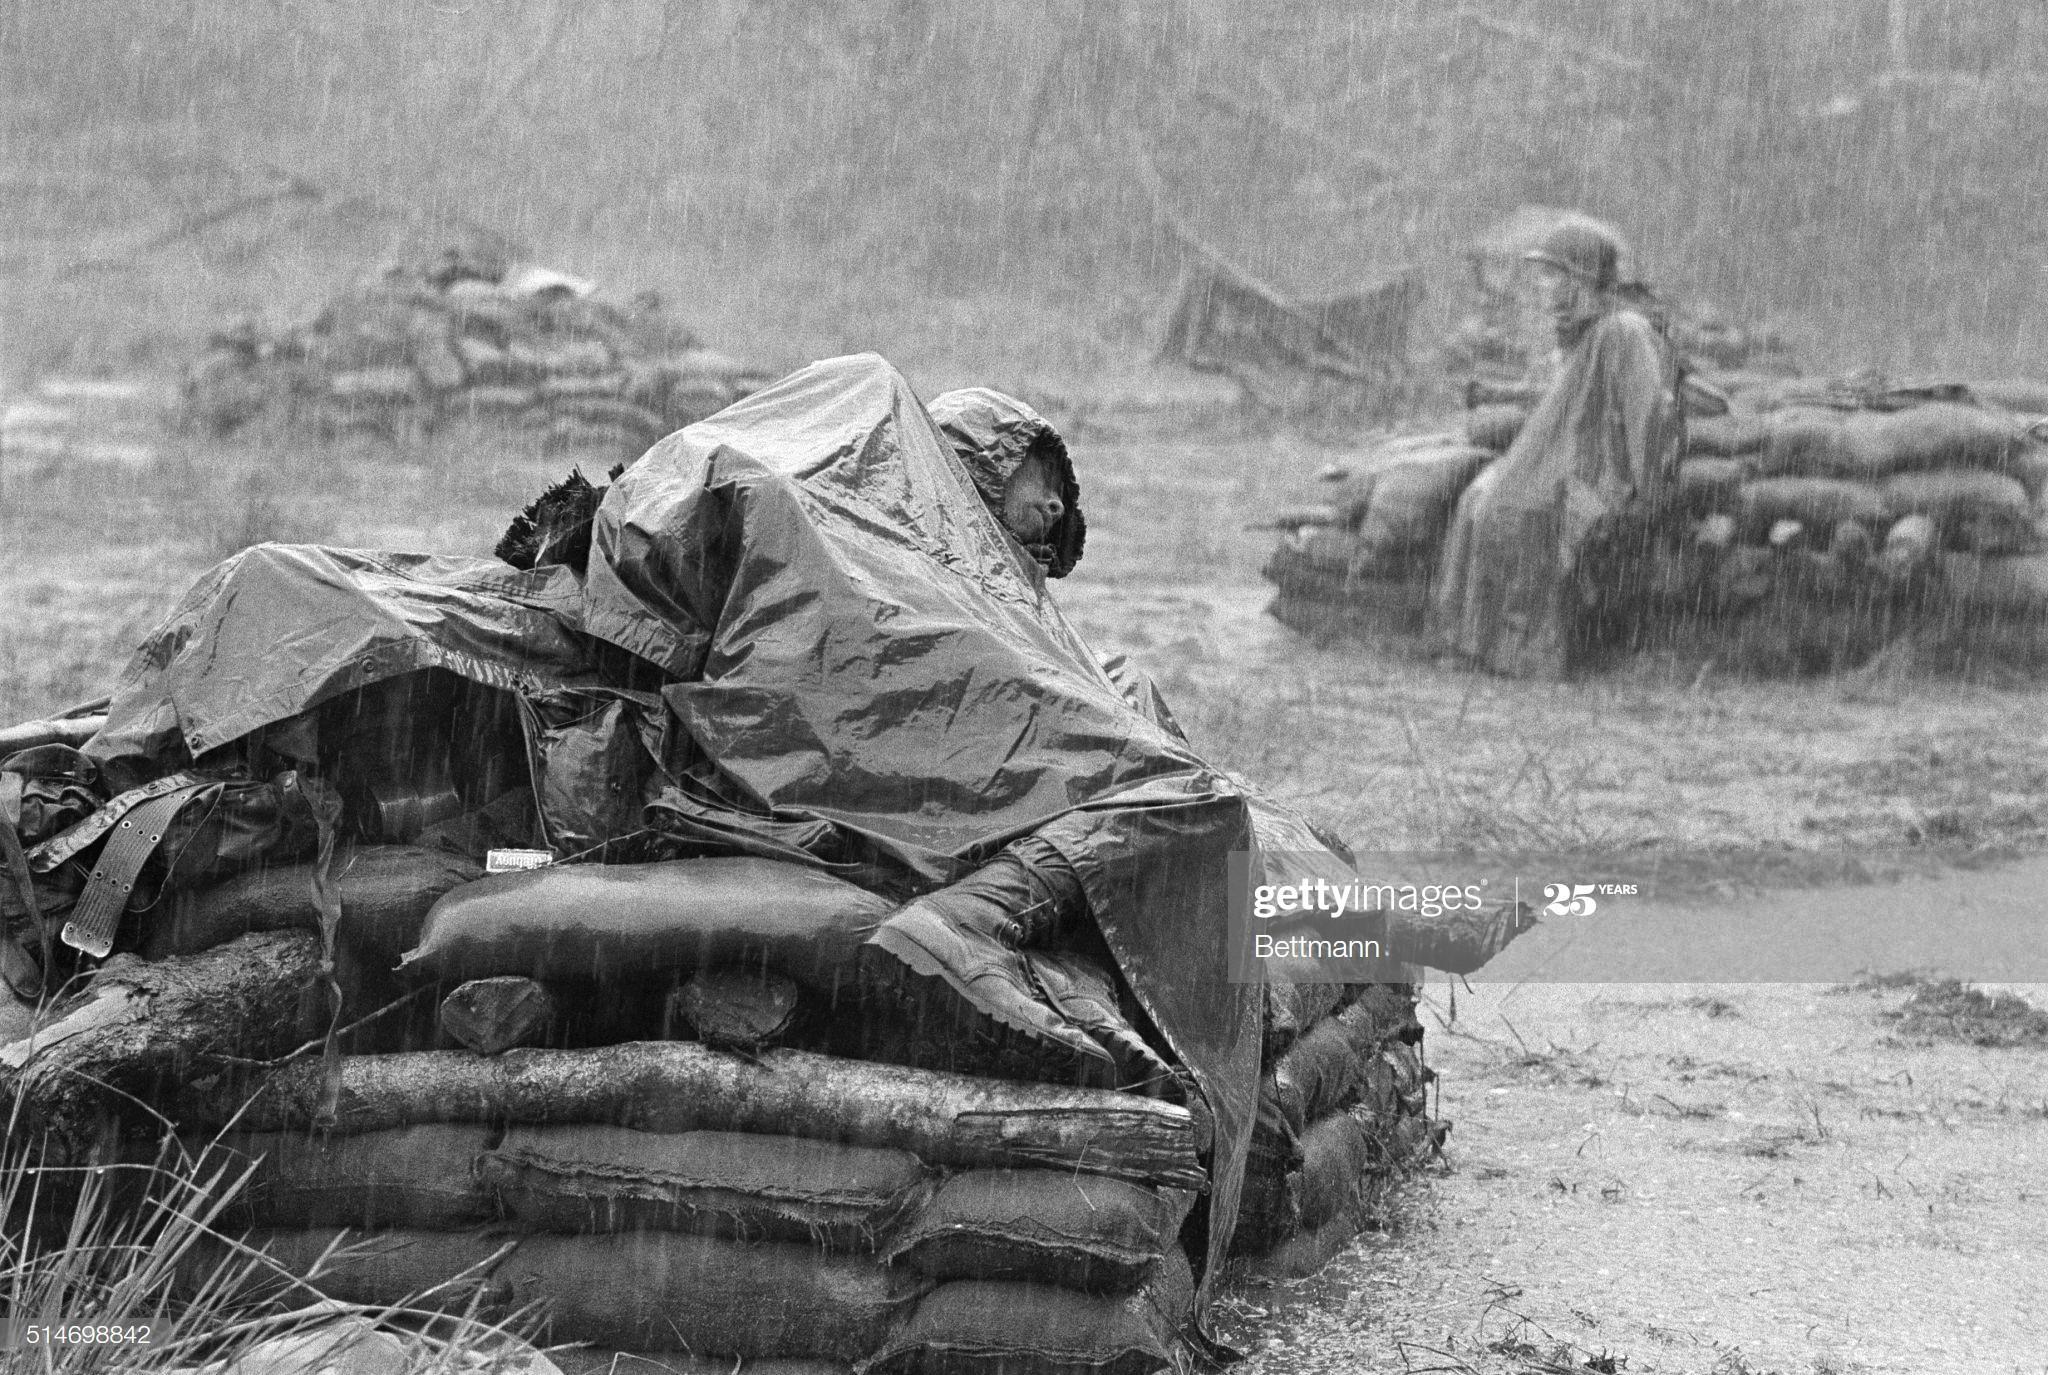 Ảnh độc: Giấc ngủ của lính Mỹ trong chiến tranh Việt Nam Ảnh 3